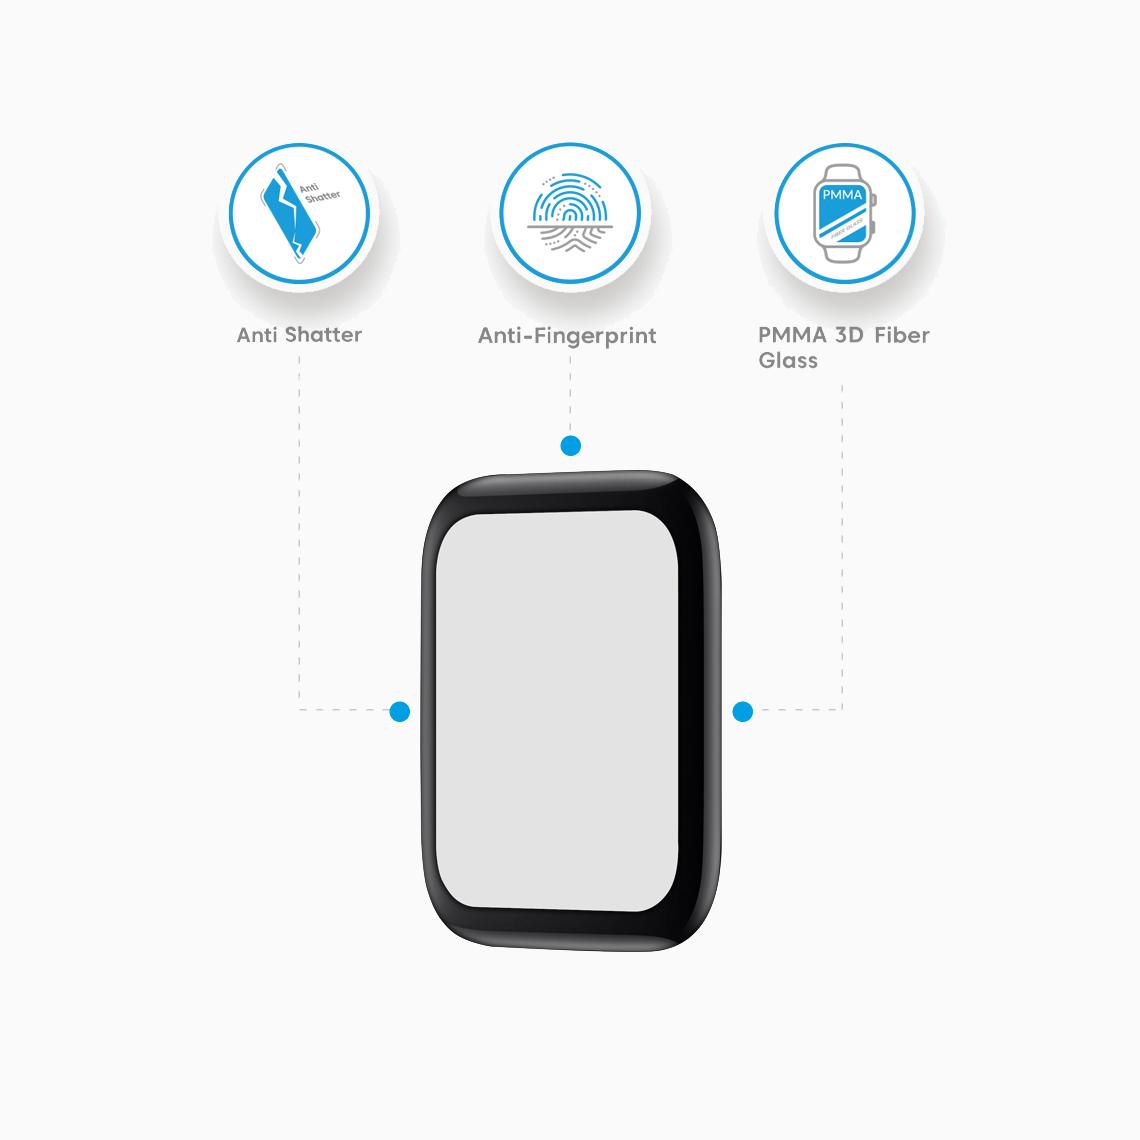 محافظ صفحه نمایش اپل واچ ۴۰ میلی متری بلینکس مدل Velvet مات